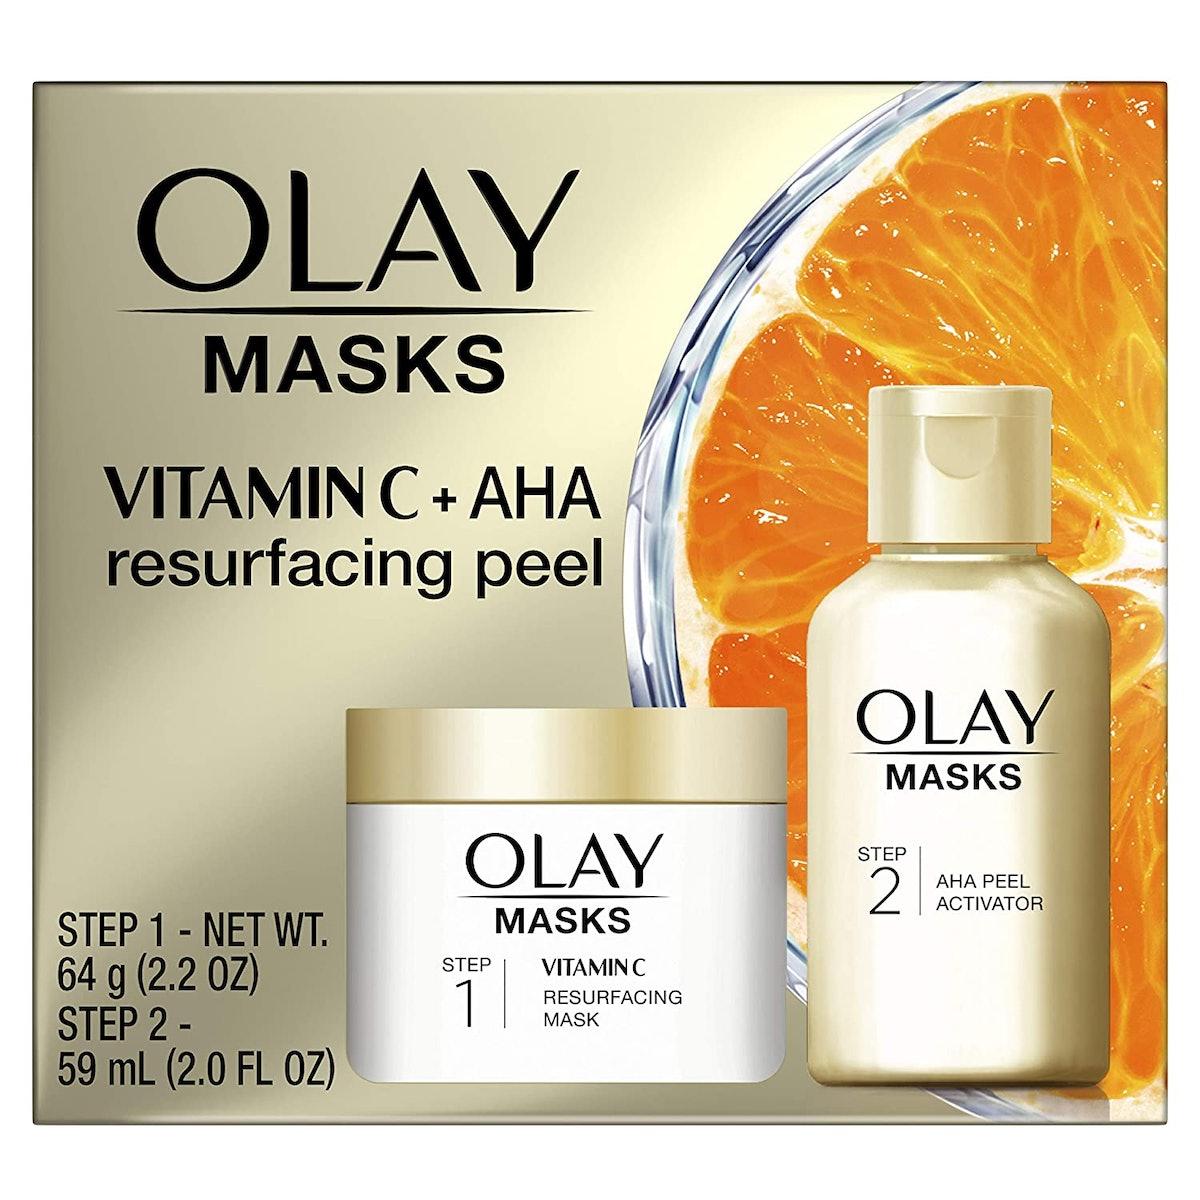 Olay Vitamin C Mask + AHA Resurfacing Peel